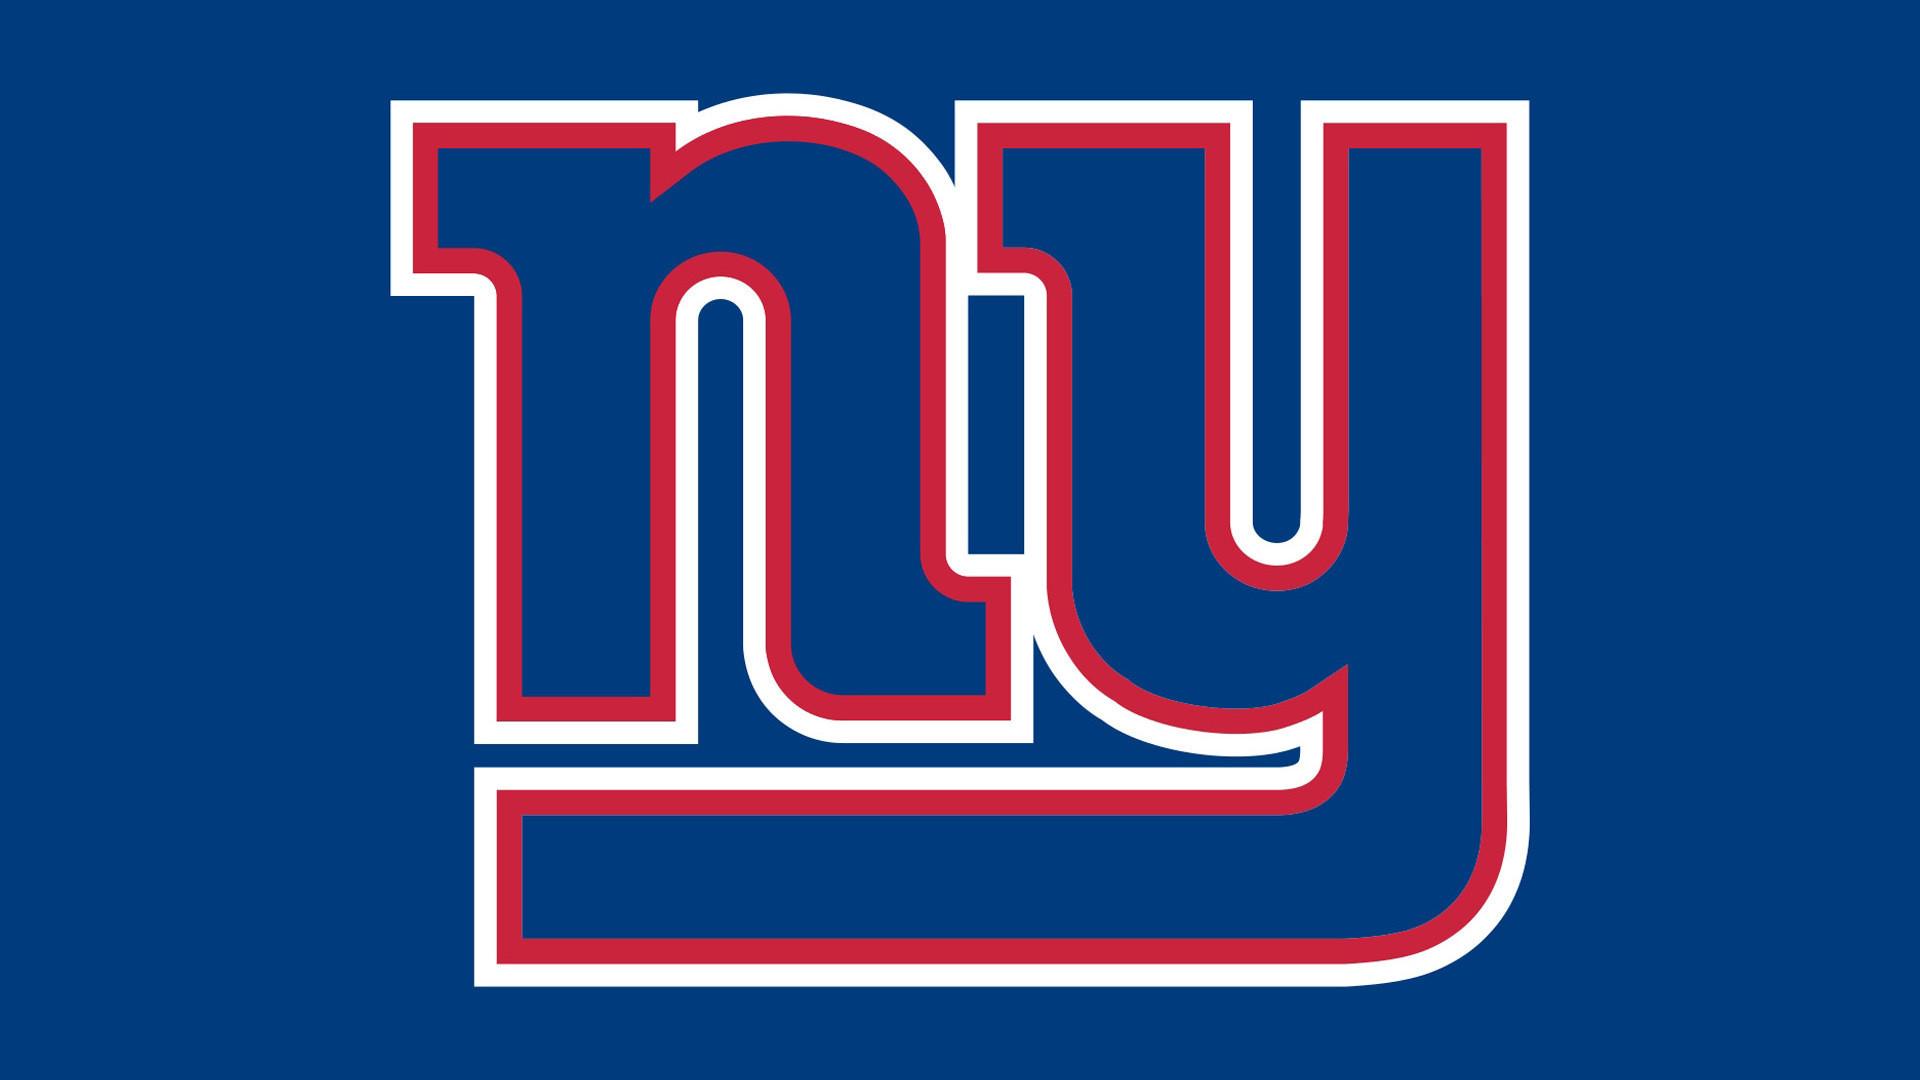 new york giants wallpaper logo